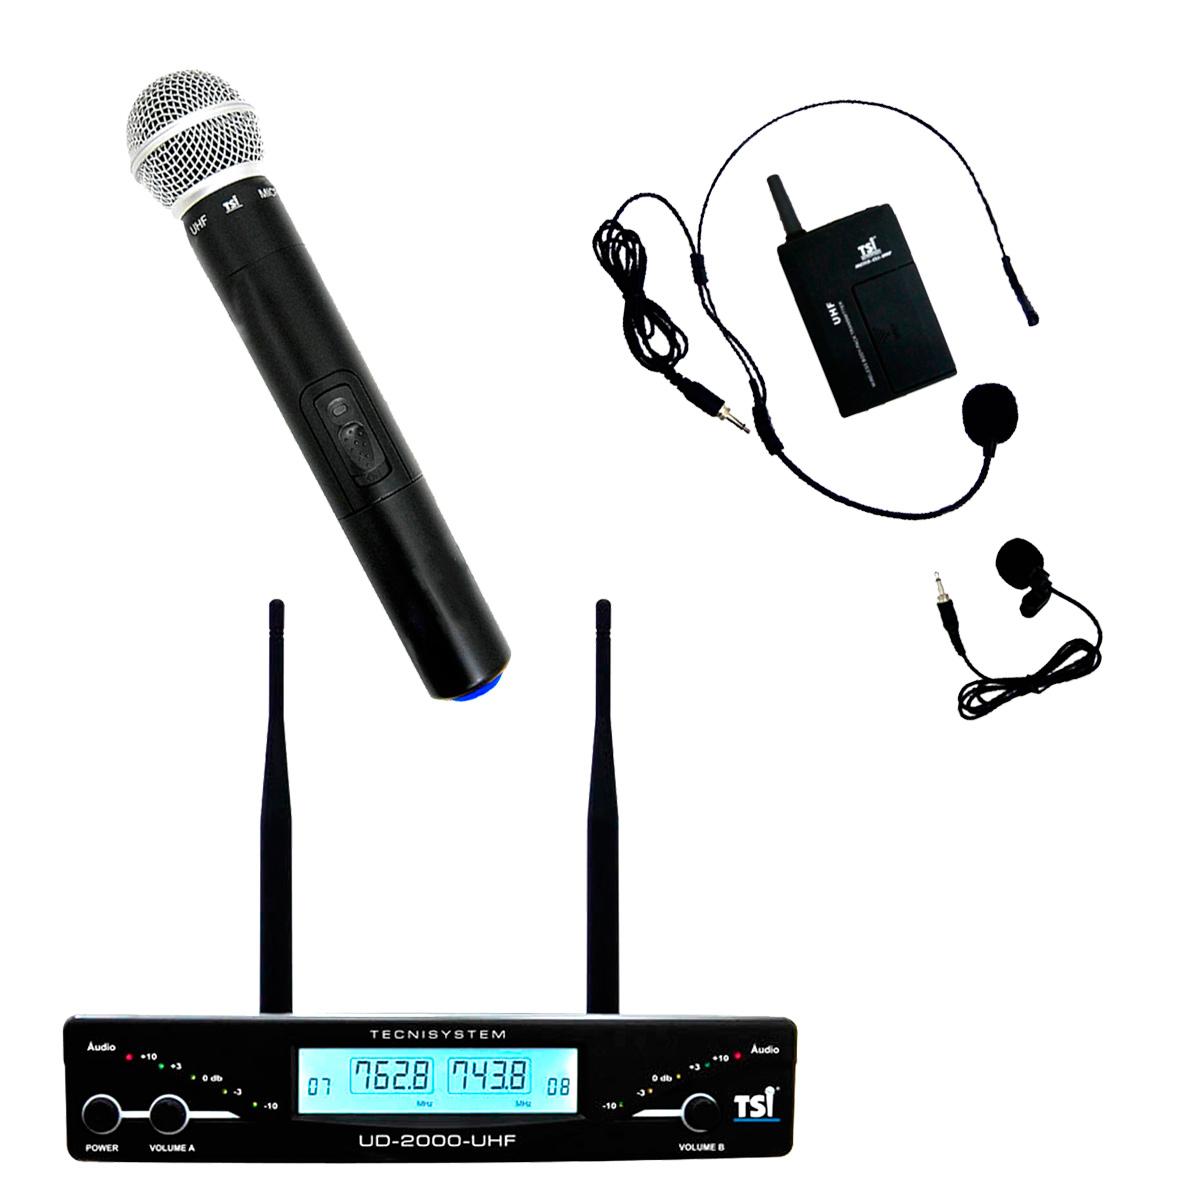 UD2000CLI - Microfone s/ Fio Mão, Headset e Lapela UHF UD 2000 CLI - TSI